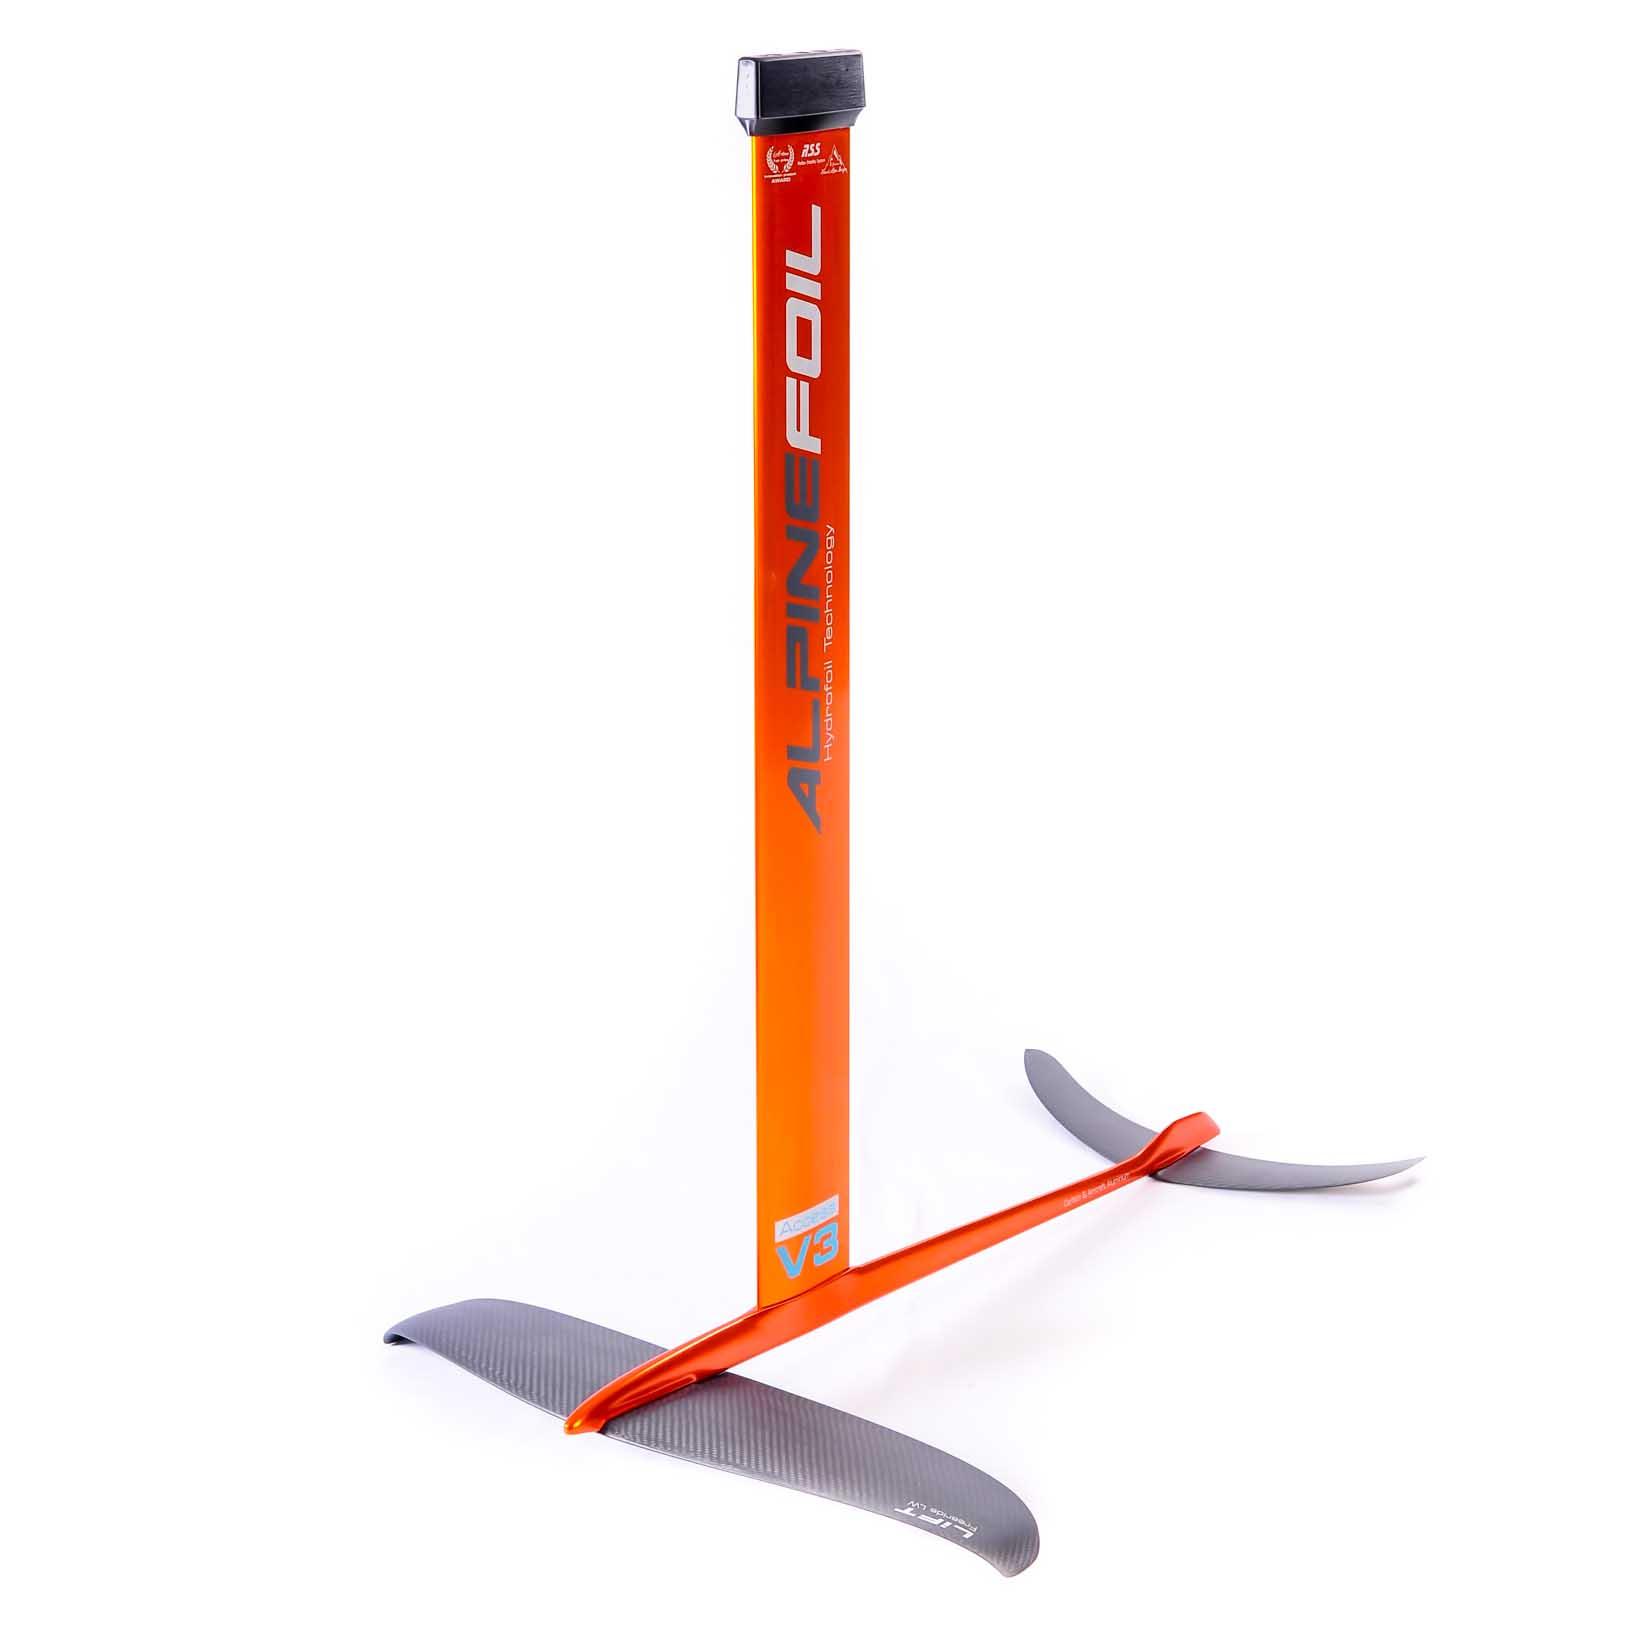 Alpinefoil kitefoil access v3 5